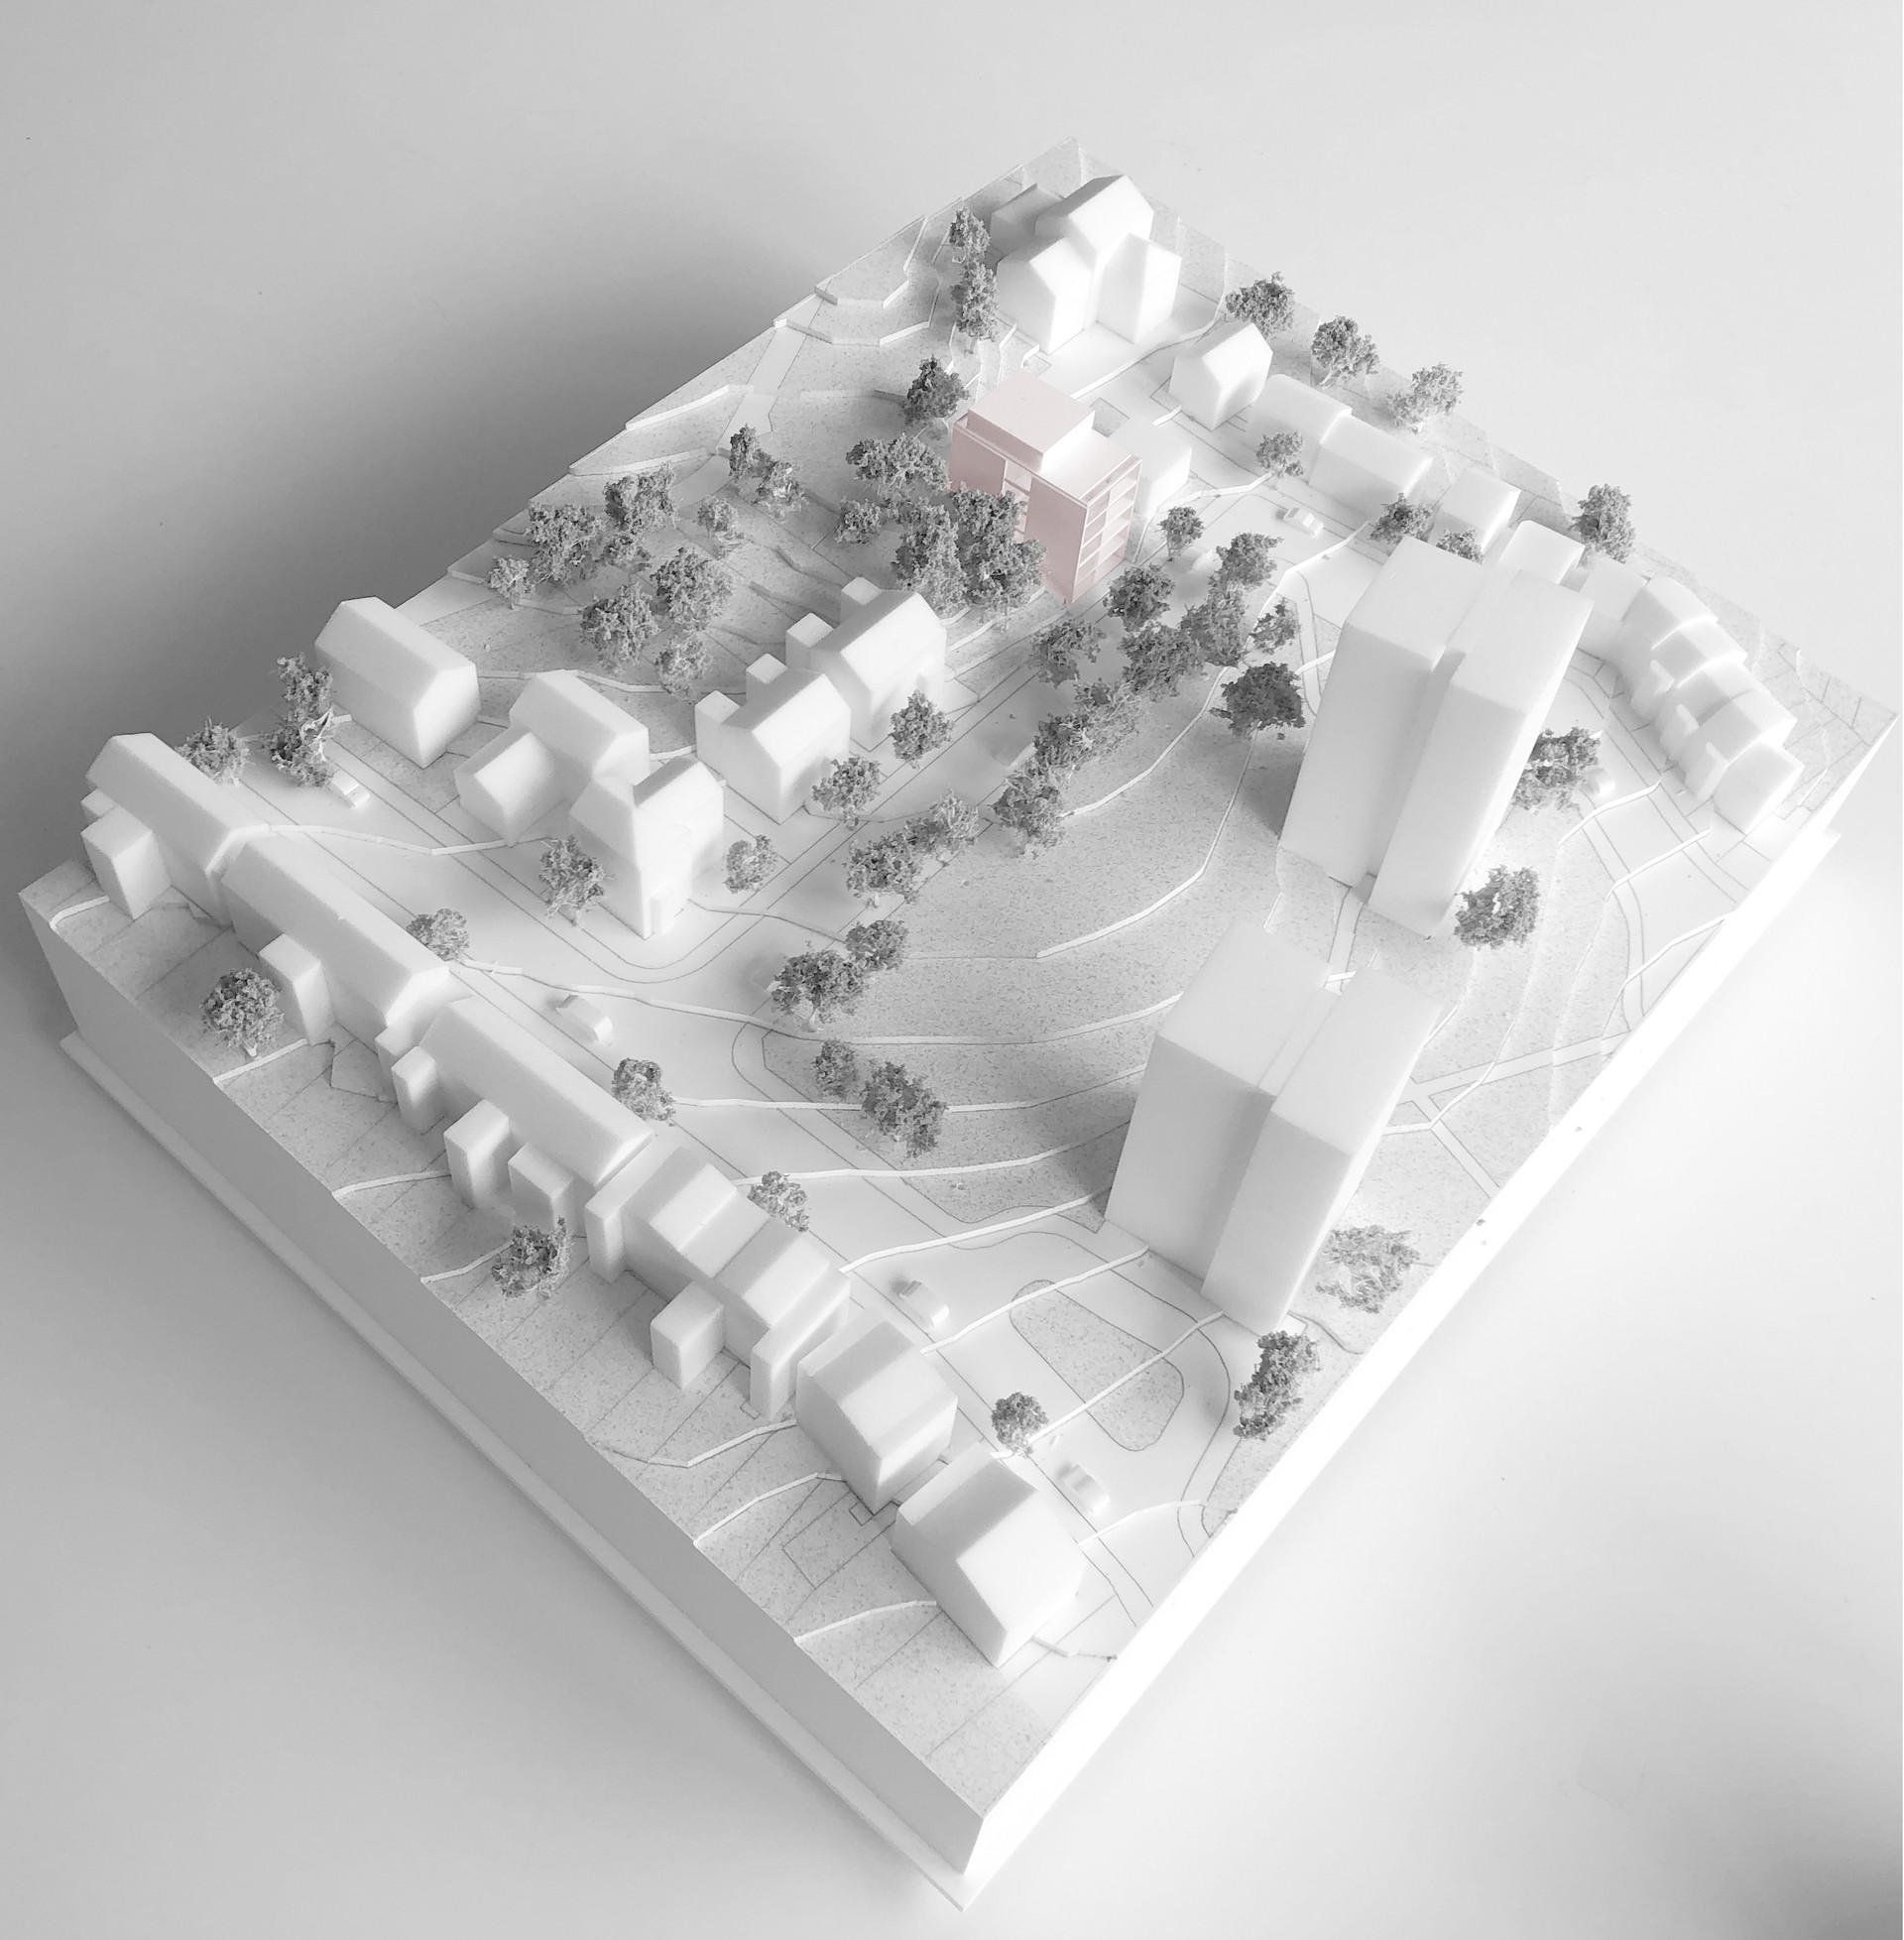 Rye Hill Park Peckham Model